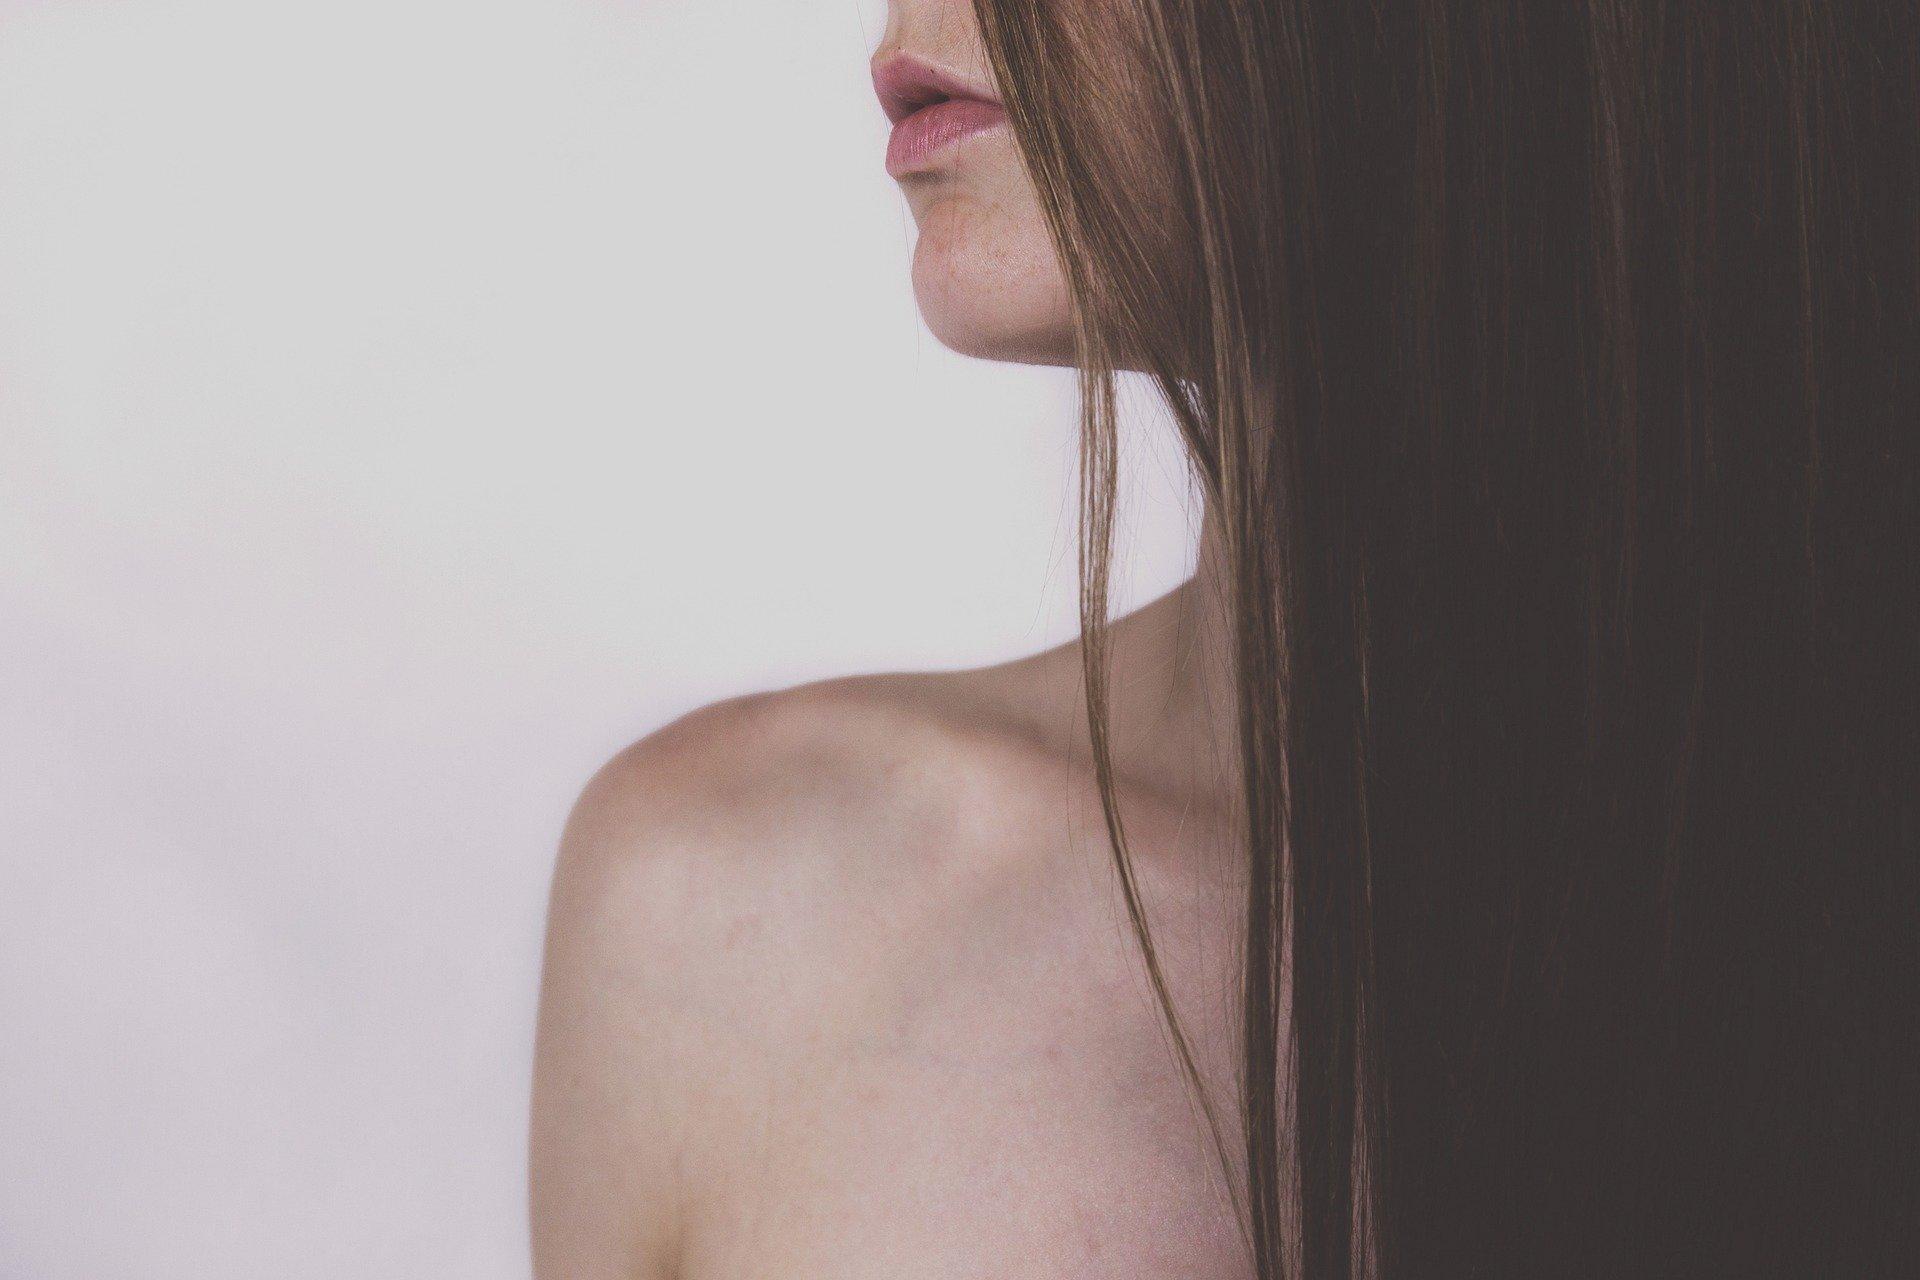 Labios de una mujer